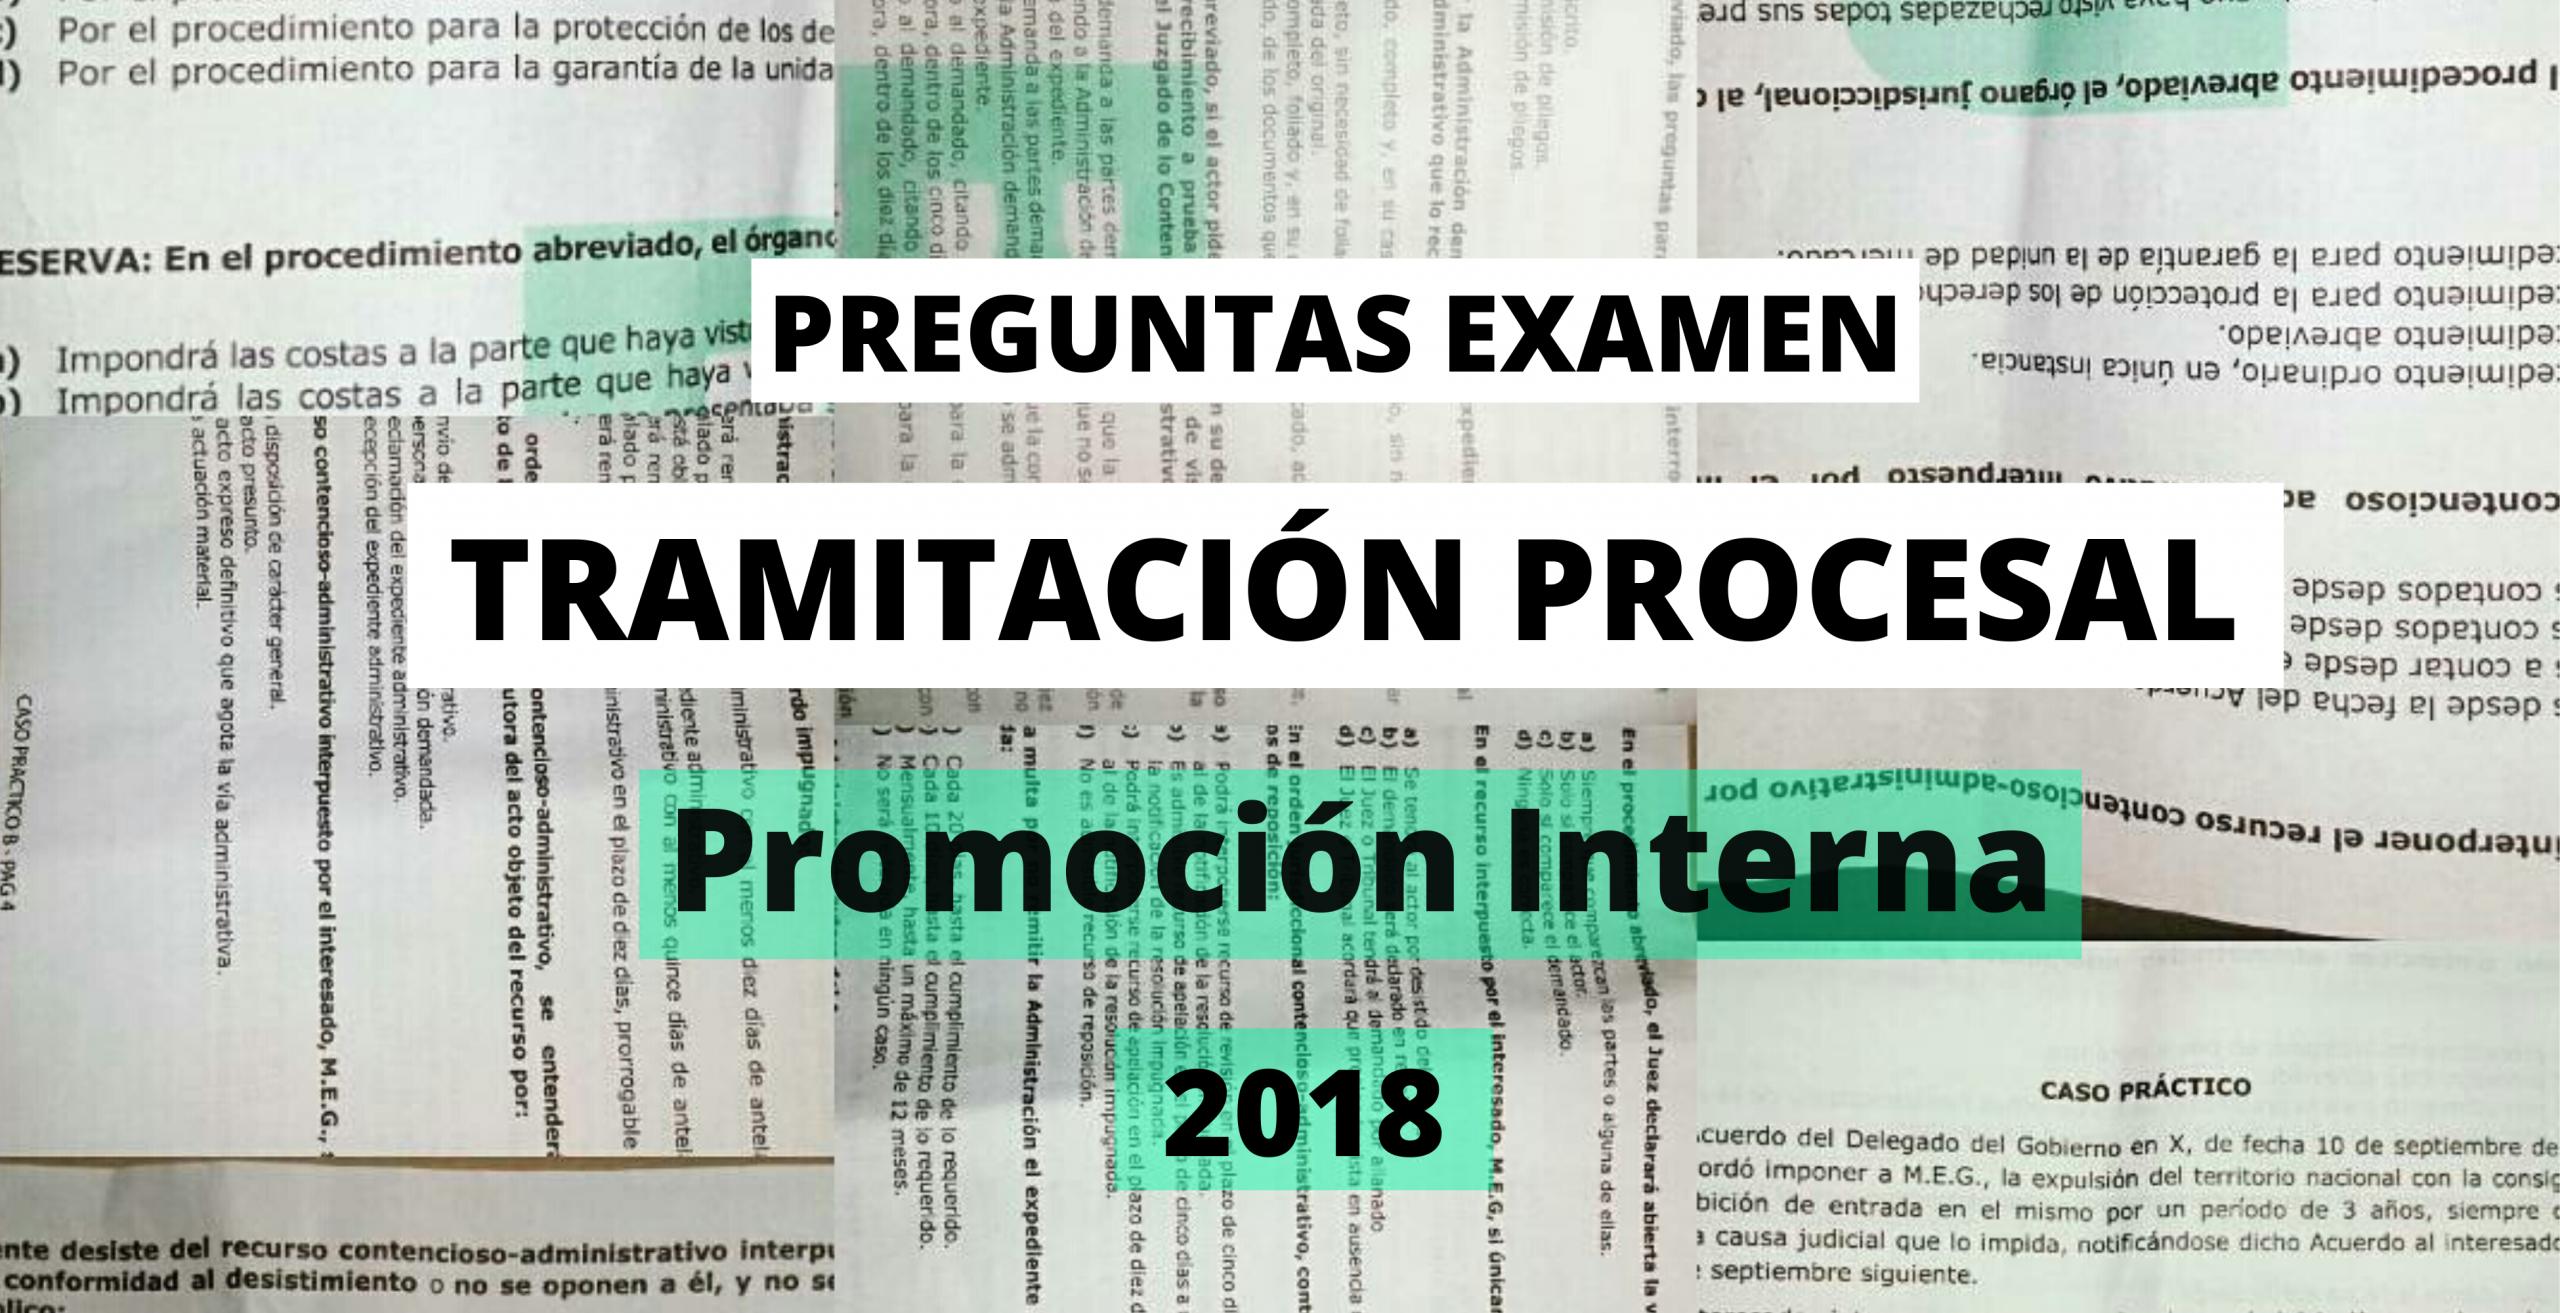 examenes tramitacion procesal promocion interna